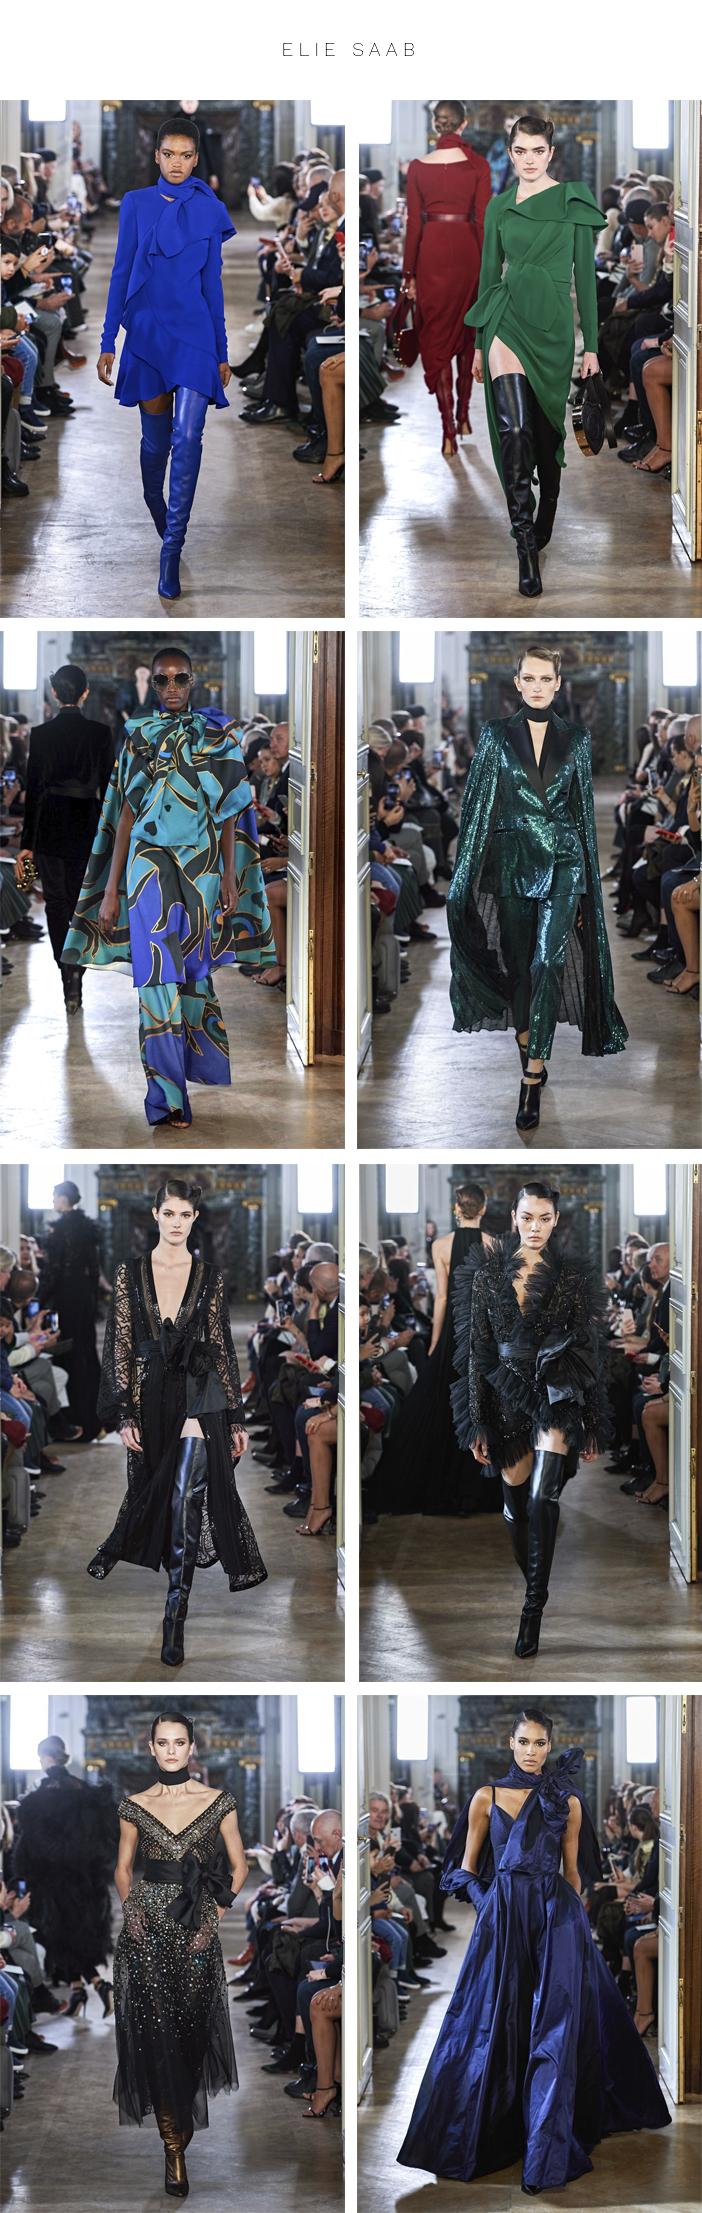 Semana de Moda de Paris - Inverno 2019 - Parte 2 - Elie Saab